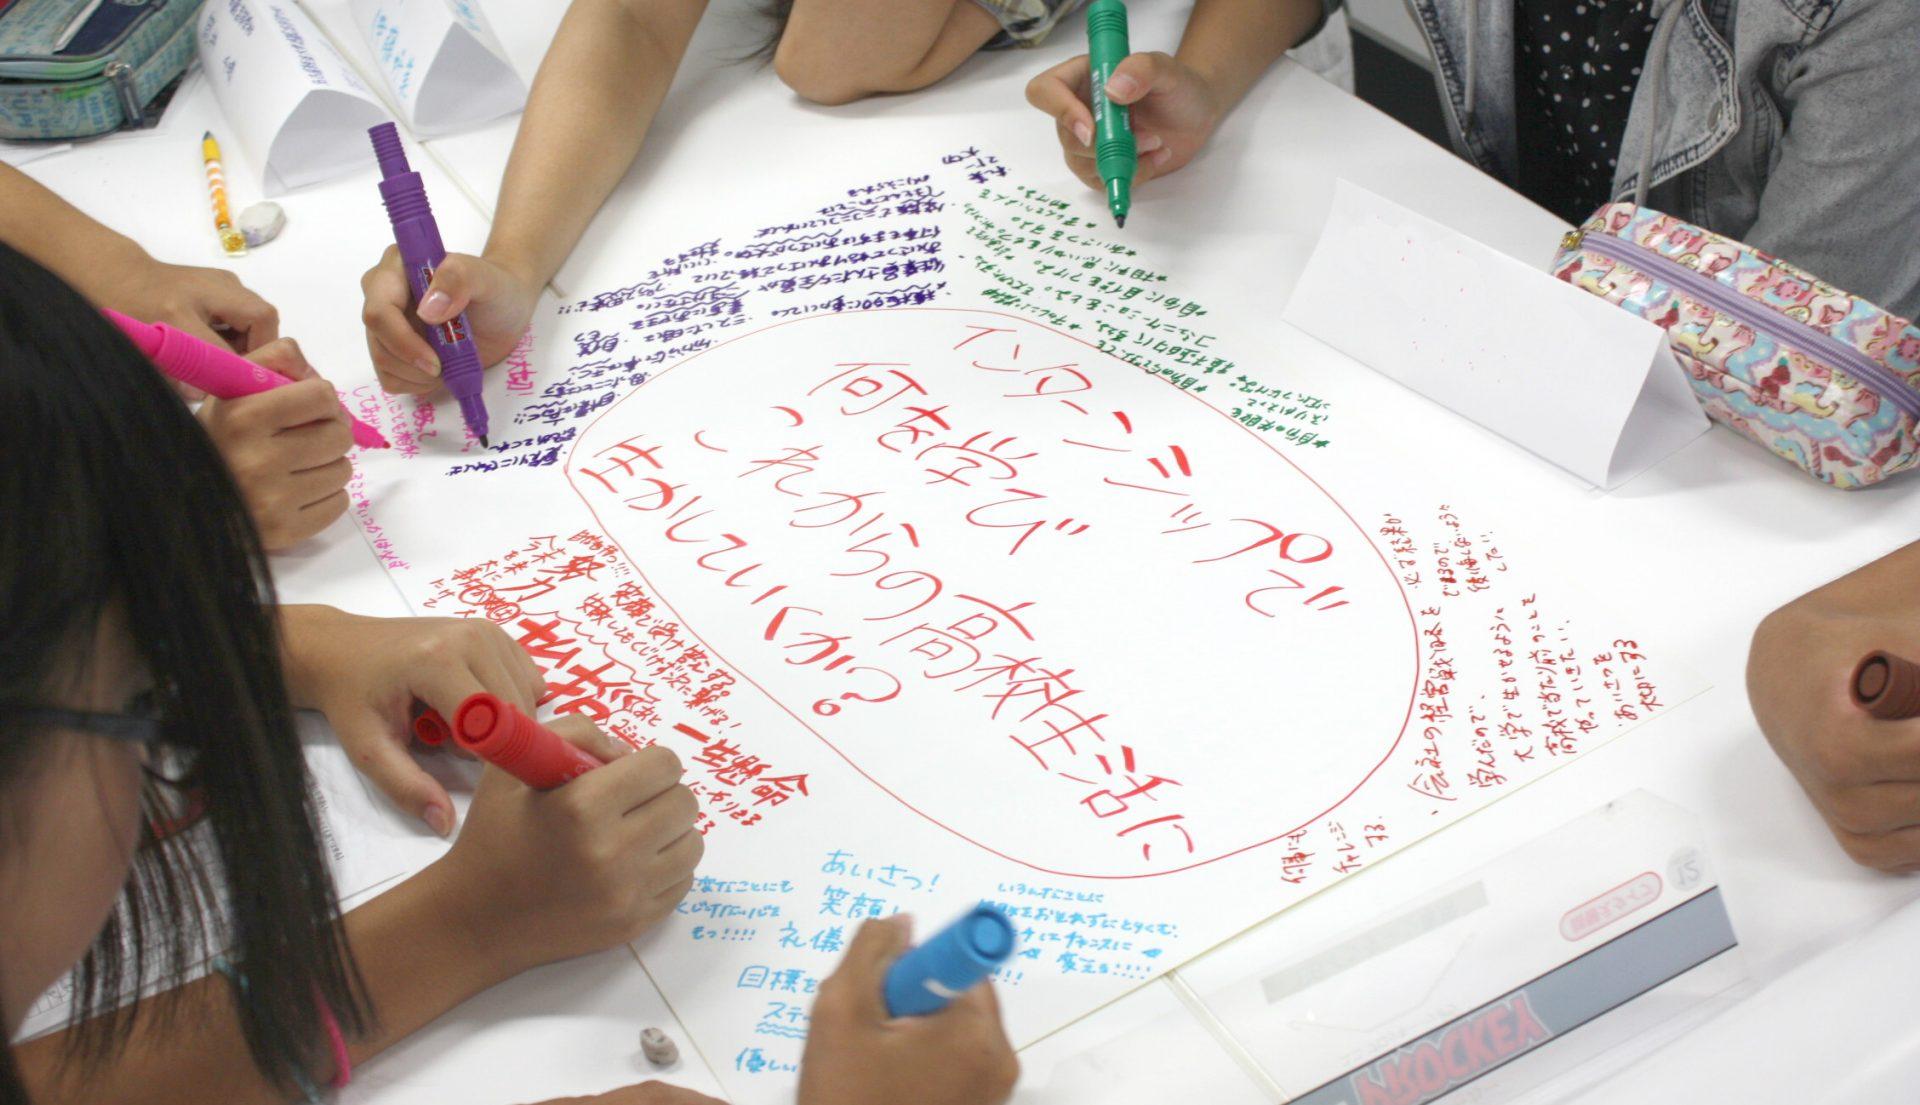 高校生インターンシップのワークショプ